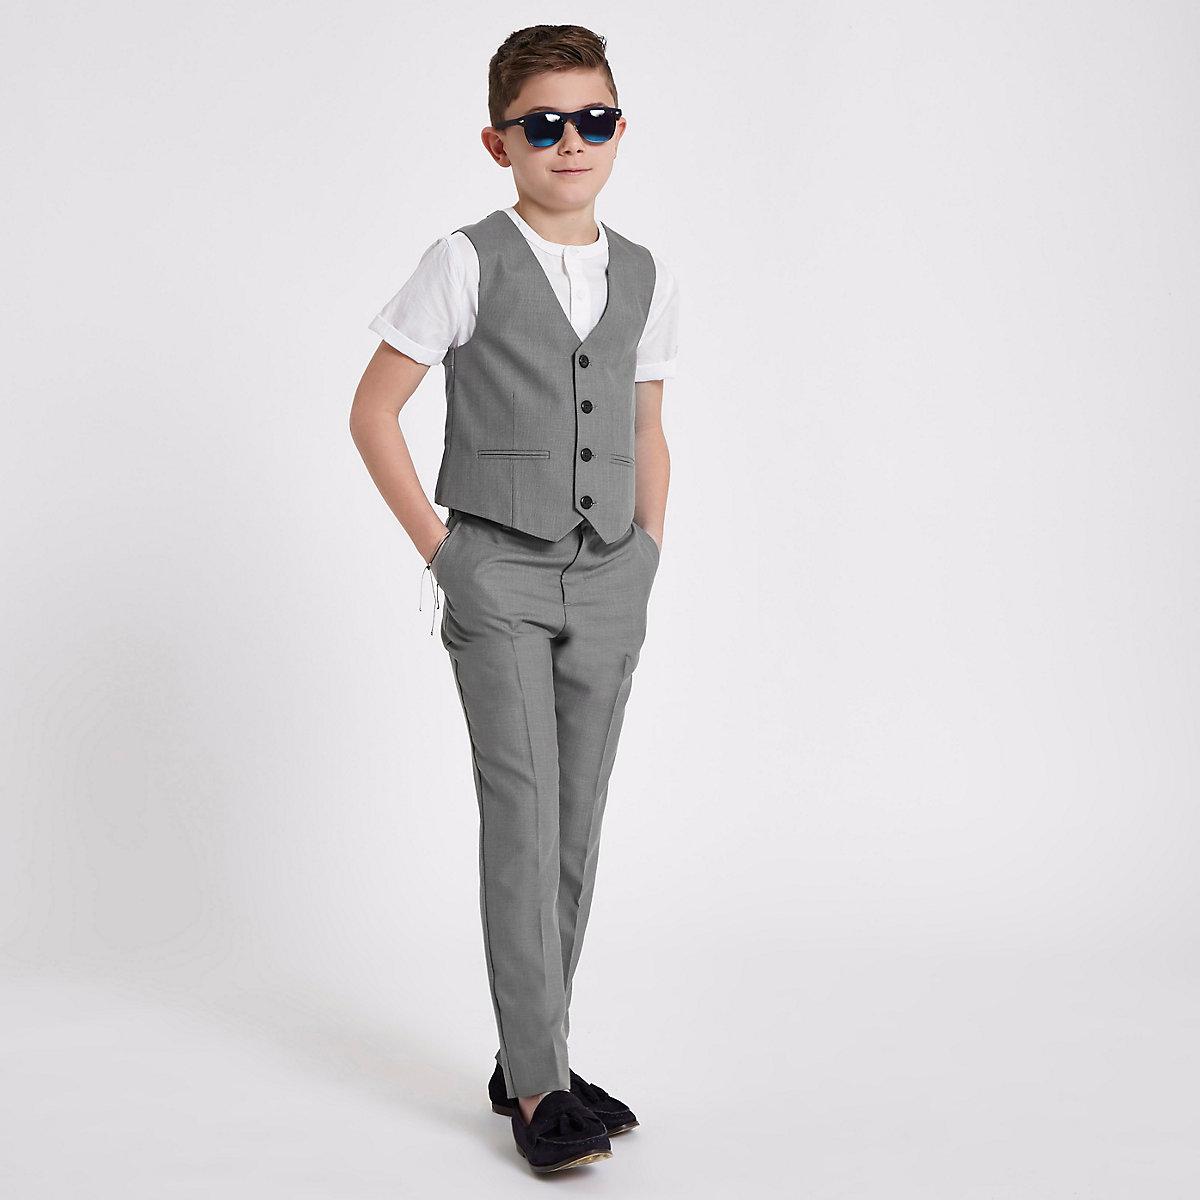 Boys Grey Suit Vest Vests Suits Boys